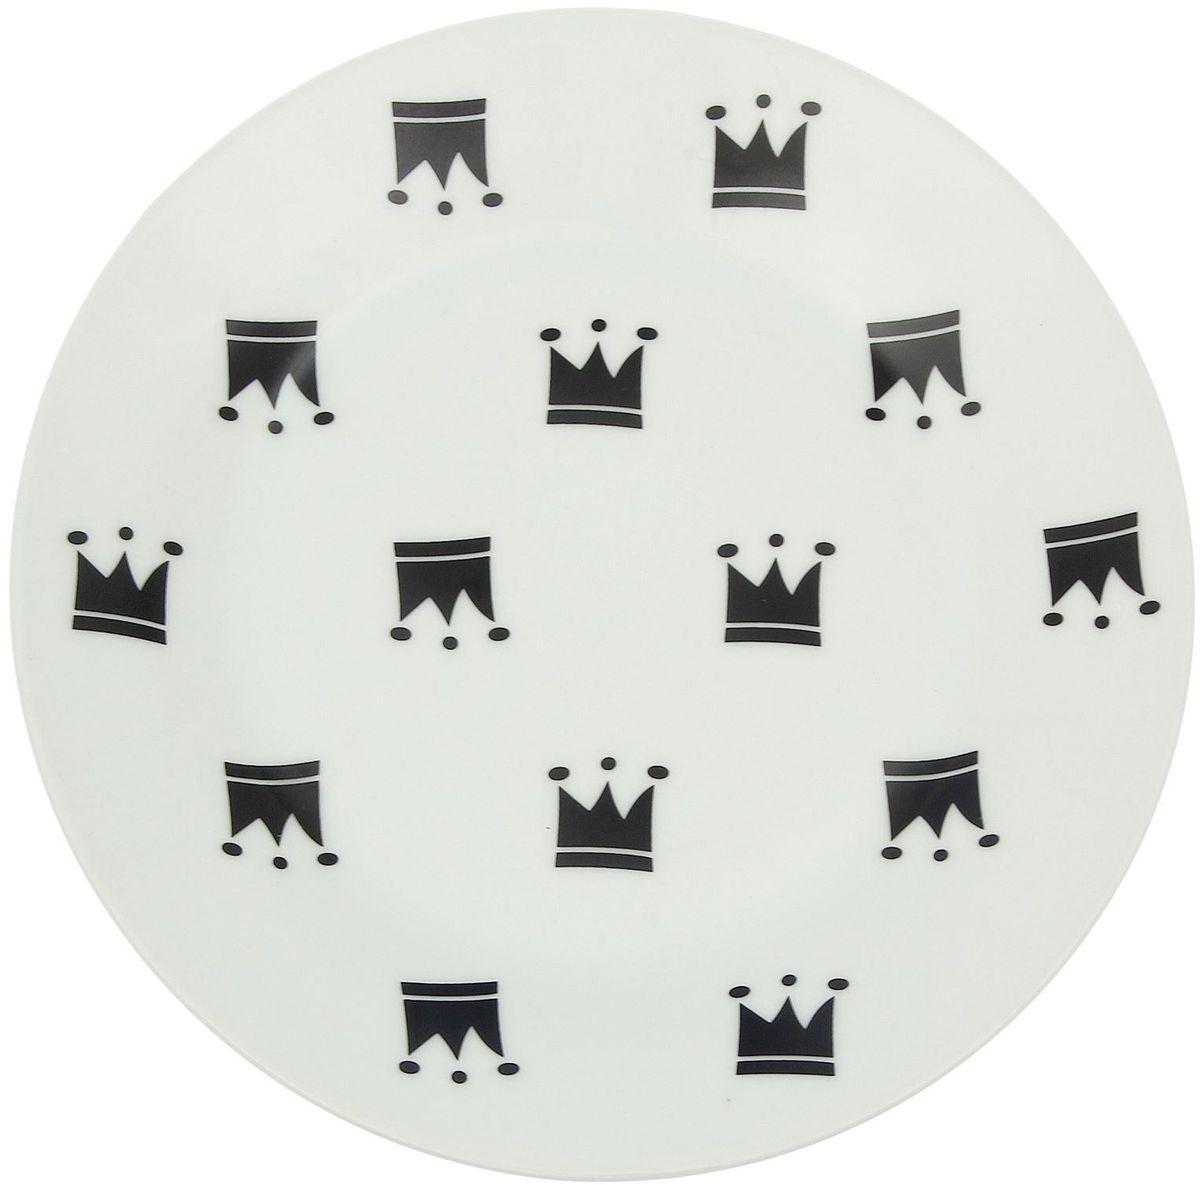 Тарелка мелкая Сотвори чудо My Little Crown, диаметр 20 см1971989Хотите обновить интерьер кухни или гостиной? Устраиваете необычную фотосессию или тематический праздник? А может, просто ищете подарок для близкого человека? Посуда « Сотвори Чудо» — правильный выбор в любой ситуации. Её достоинства: изящный фаянс нежного сливочного цвета; стойкость краски; пригодность для посудомоечных машин.